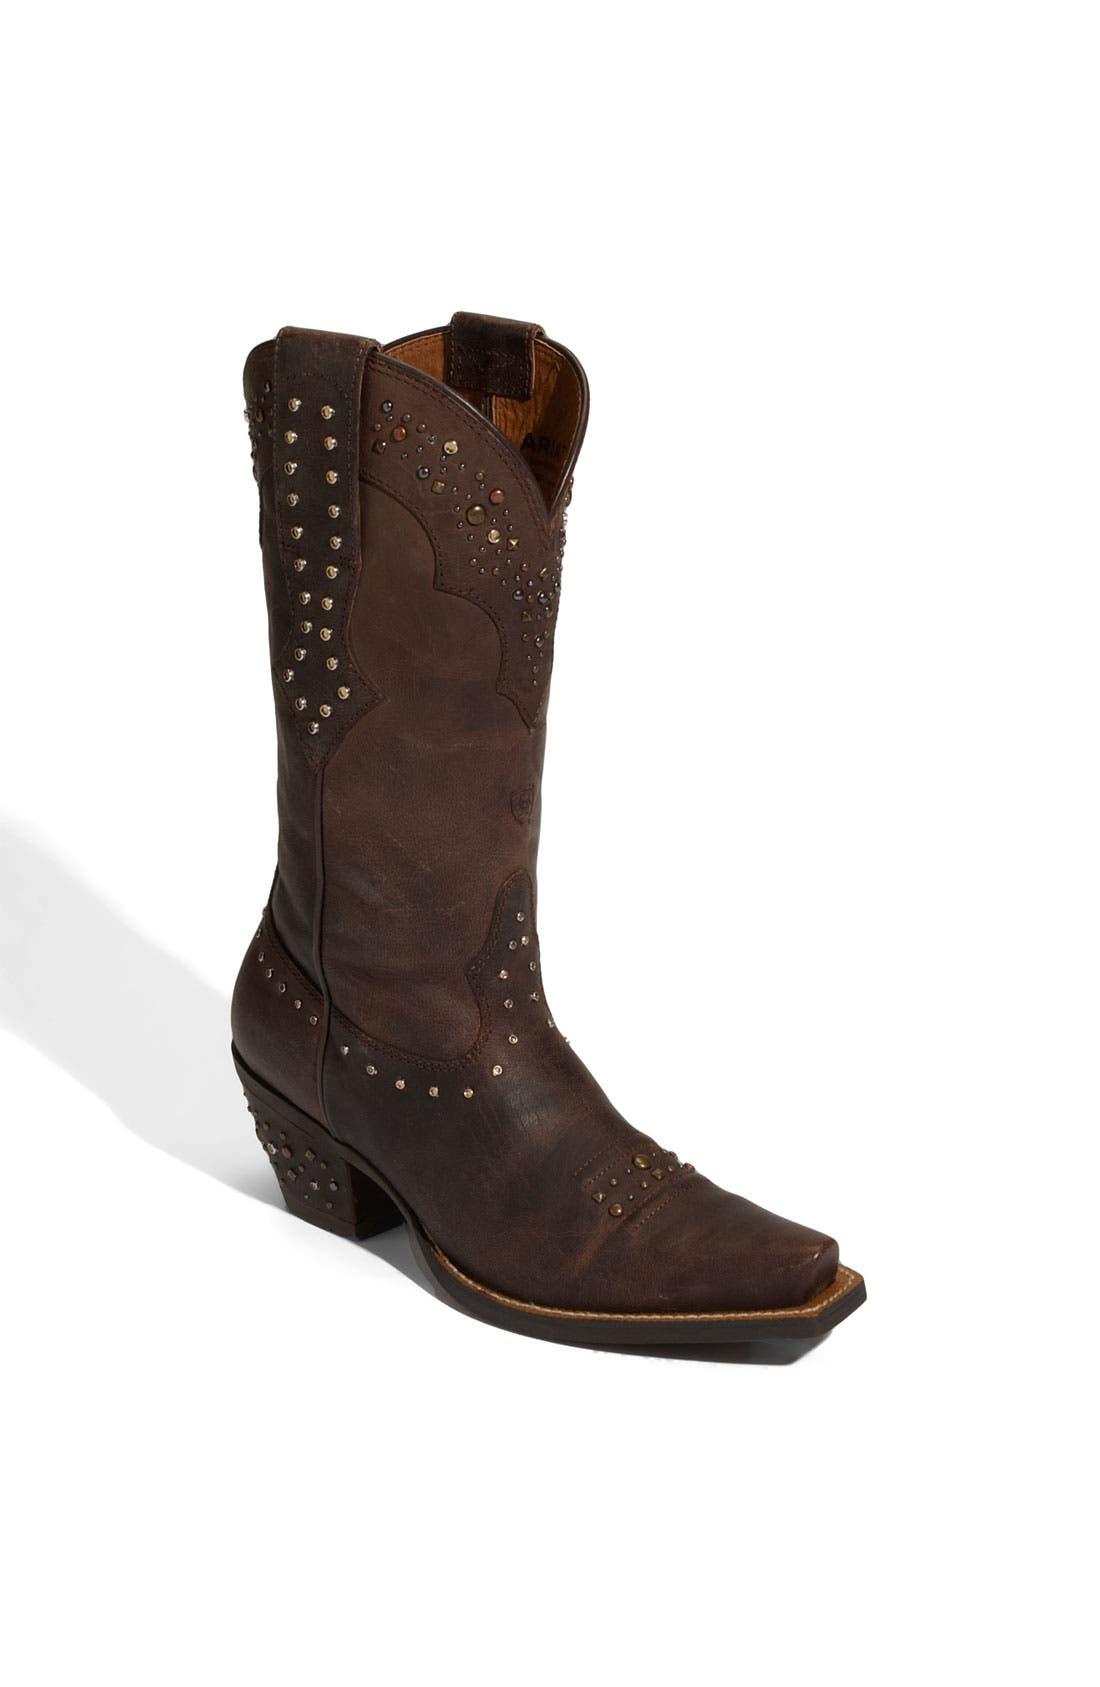 Main Image - Ariat 'Rhinestone Cowgirl' Boot